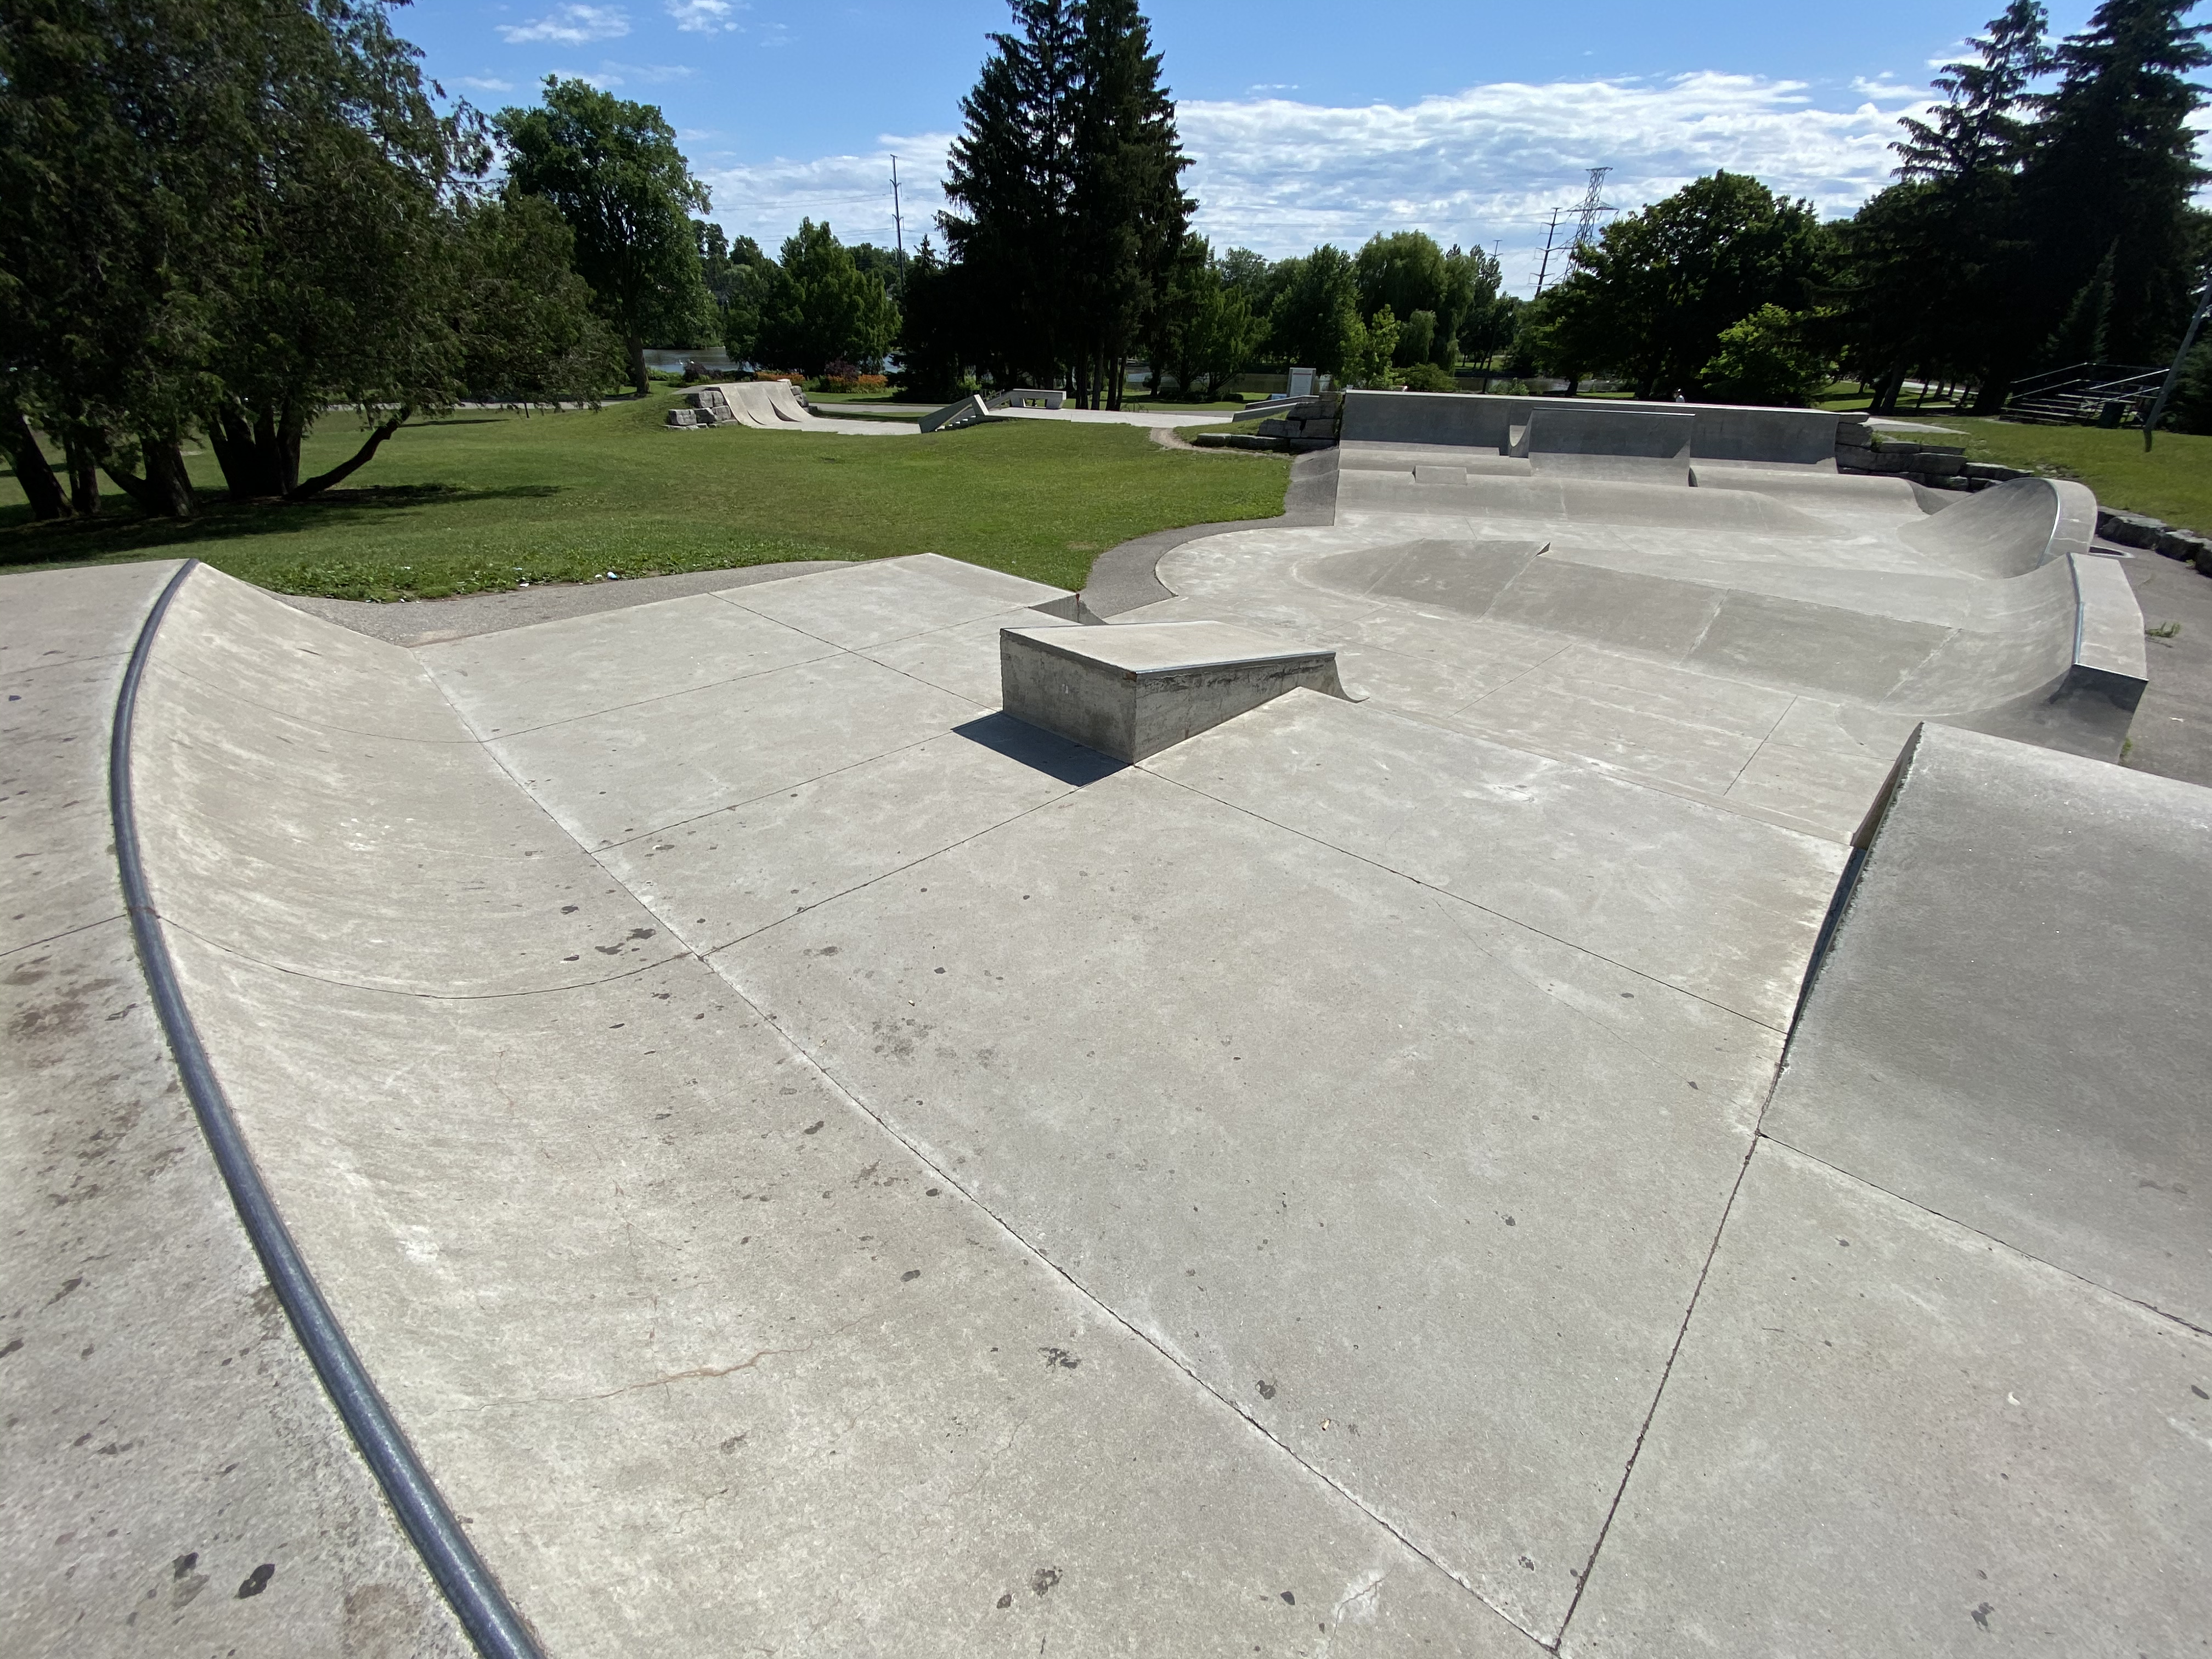 woodstock skatepark back end